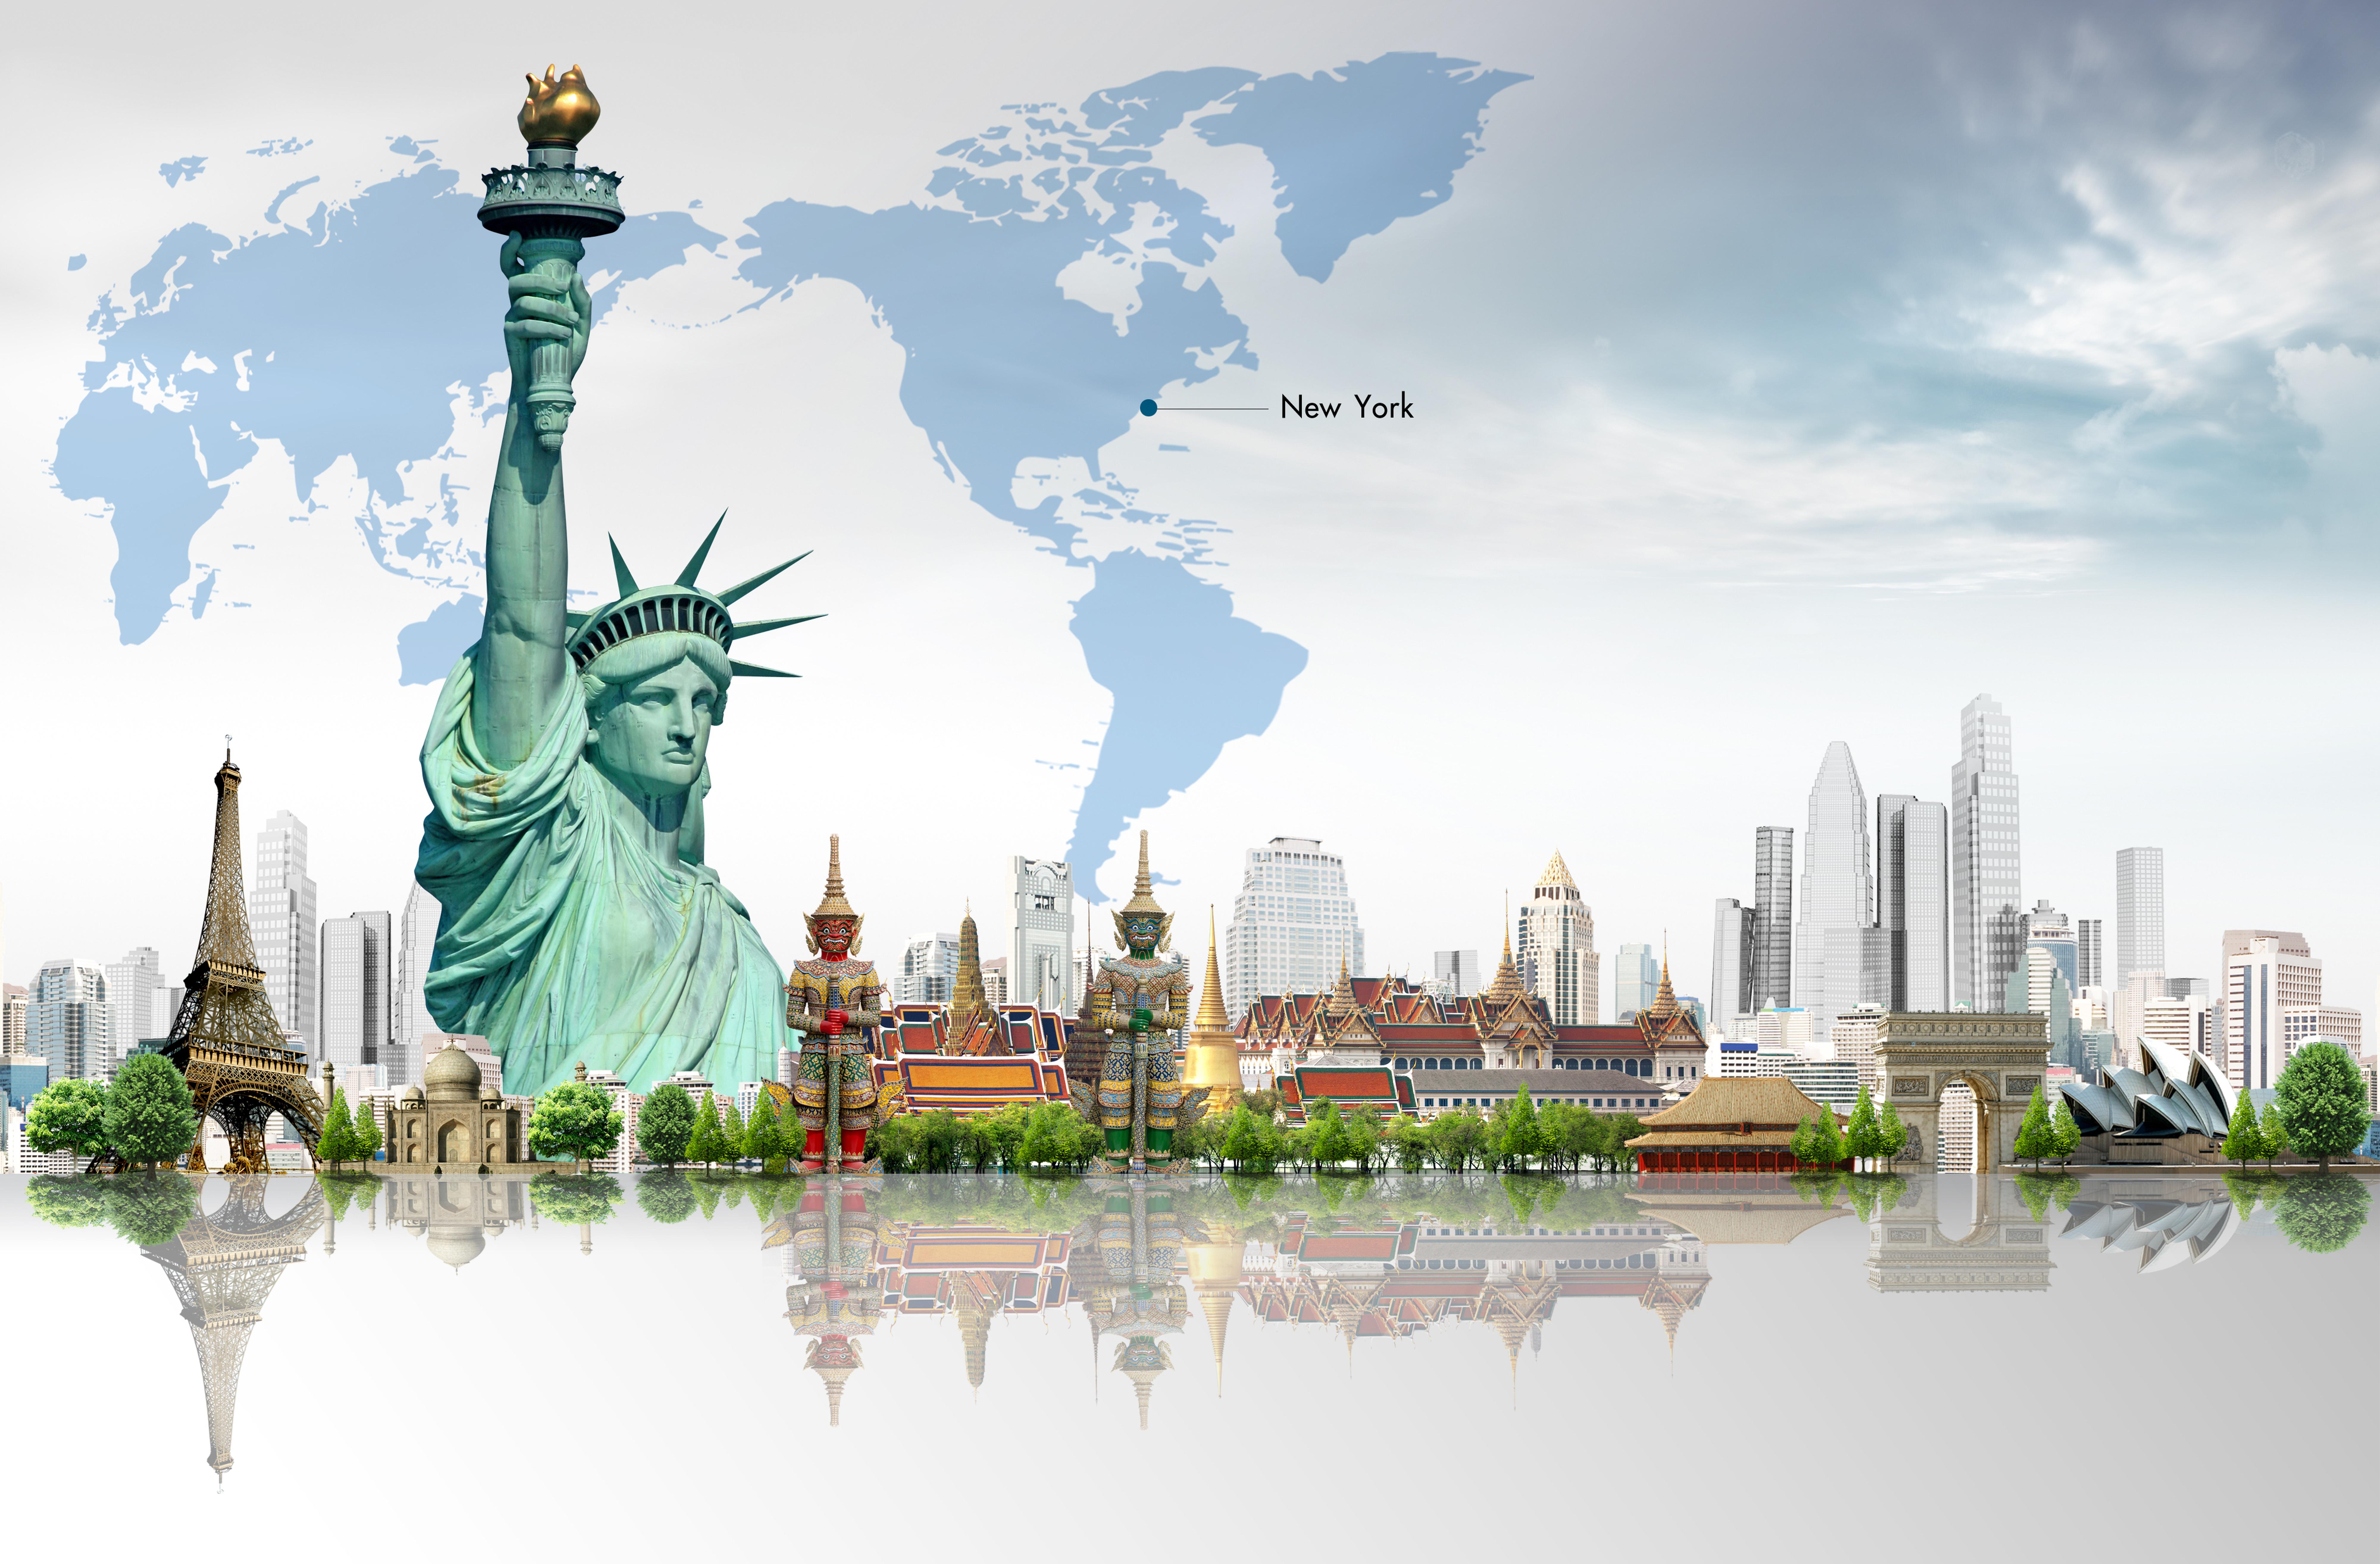 декор картинки для мира на фоне мира скорее